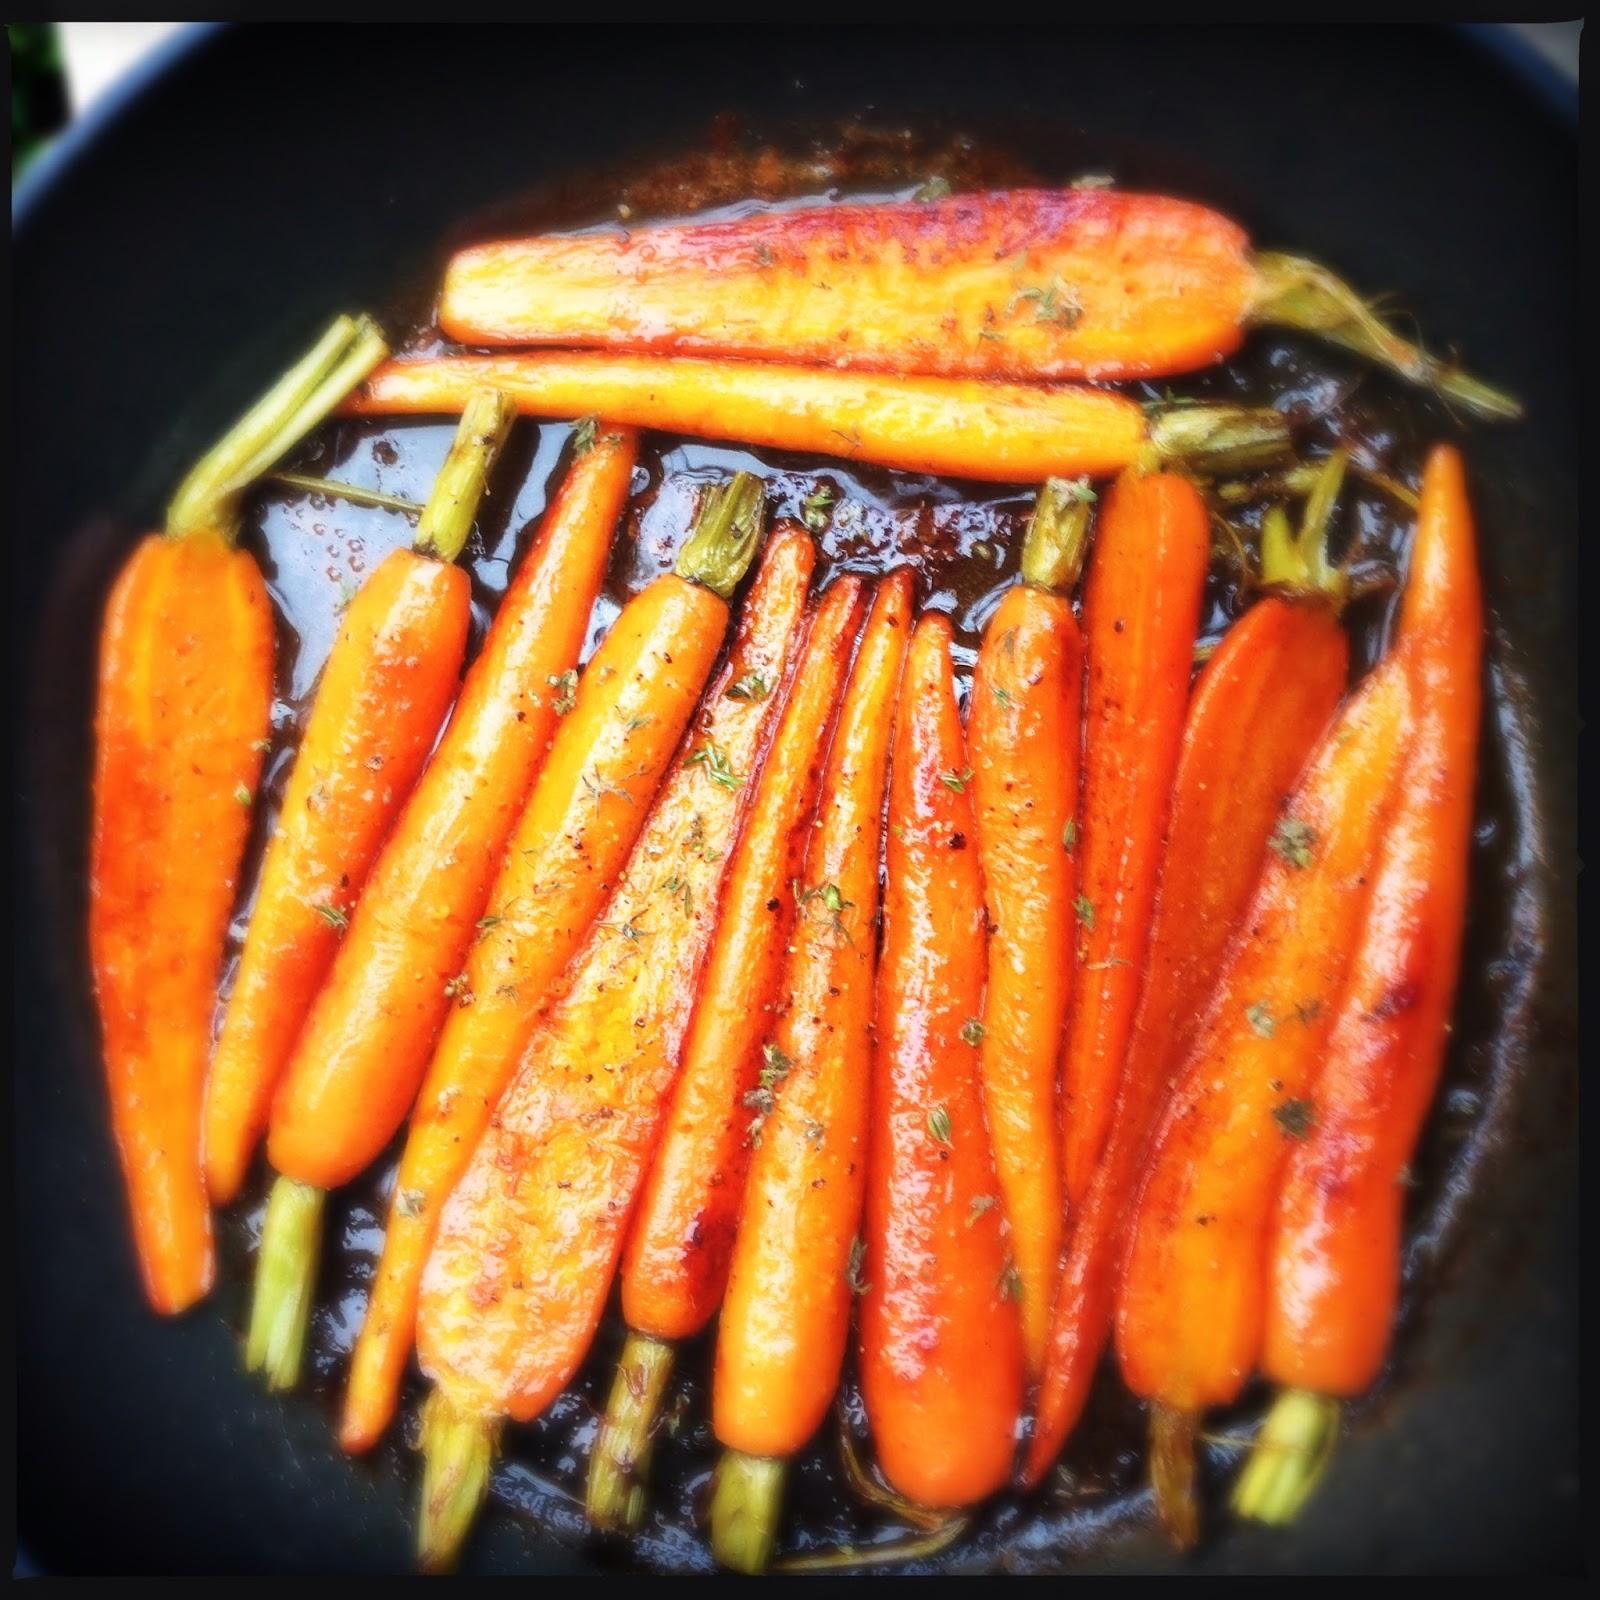 Ma cuisine moi carottes glac es nouvelle version parce - Que cuisiner avec des carottes ...